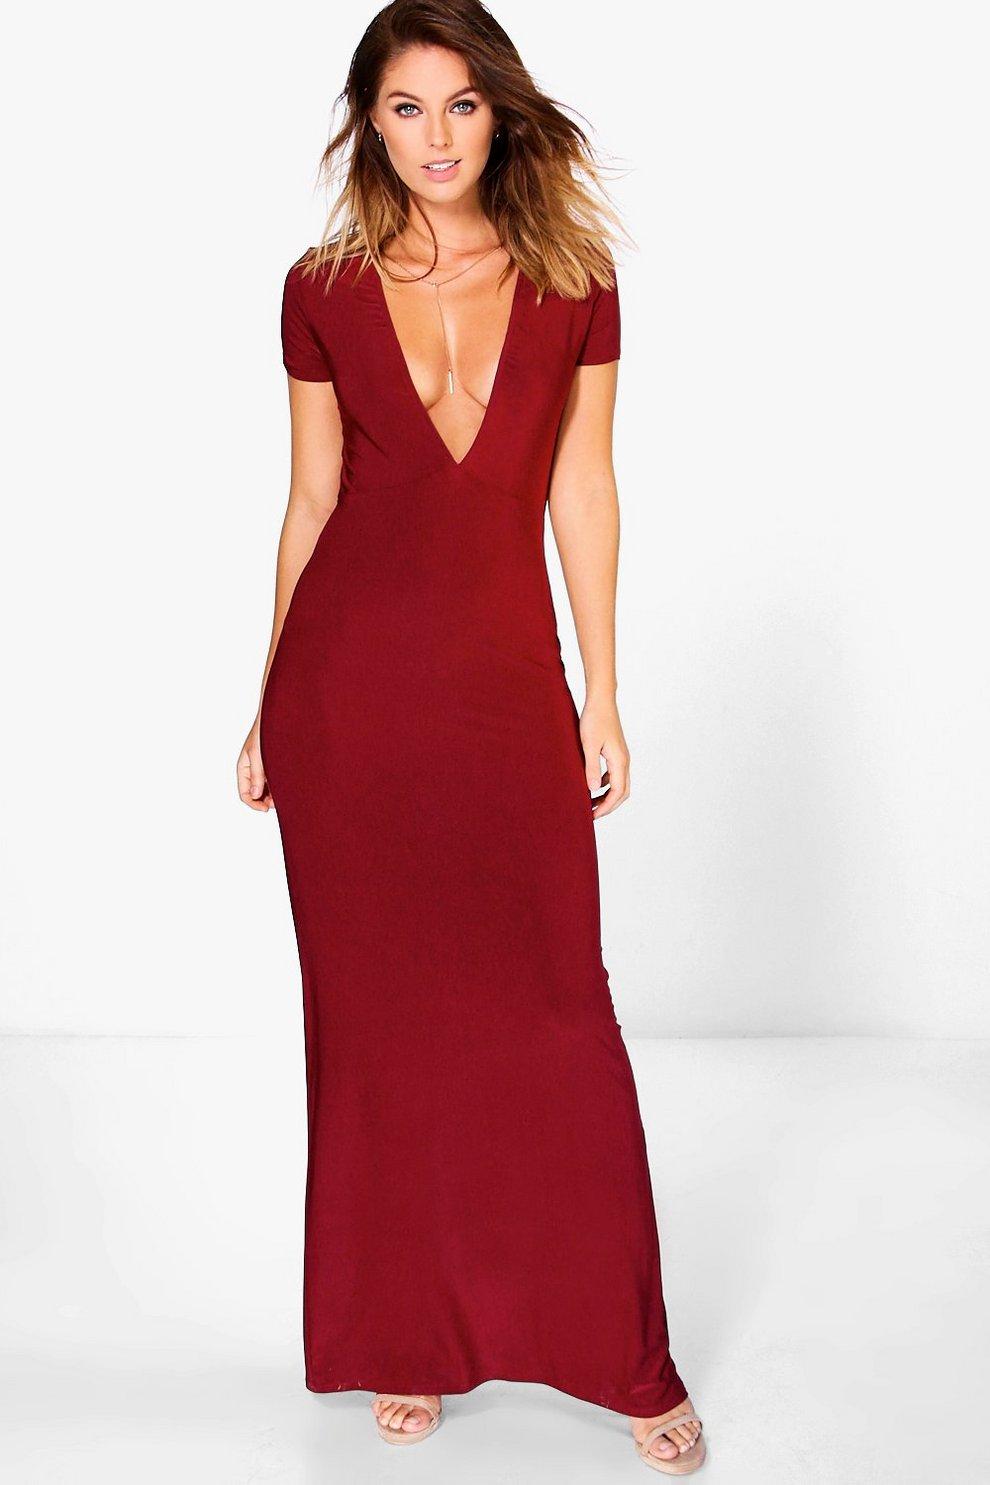 d8ffe535e Jess Slinky Deep Plunge Maxi Dress | Boohoo